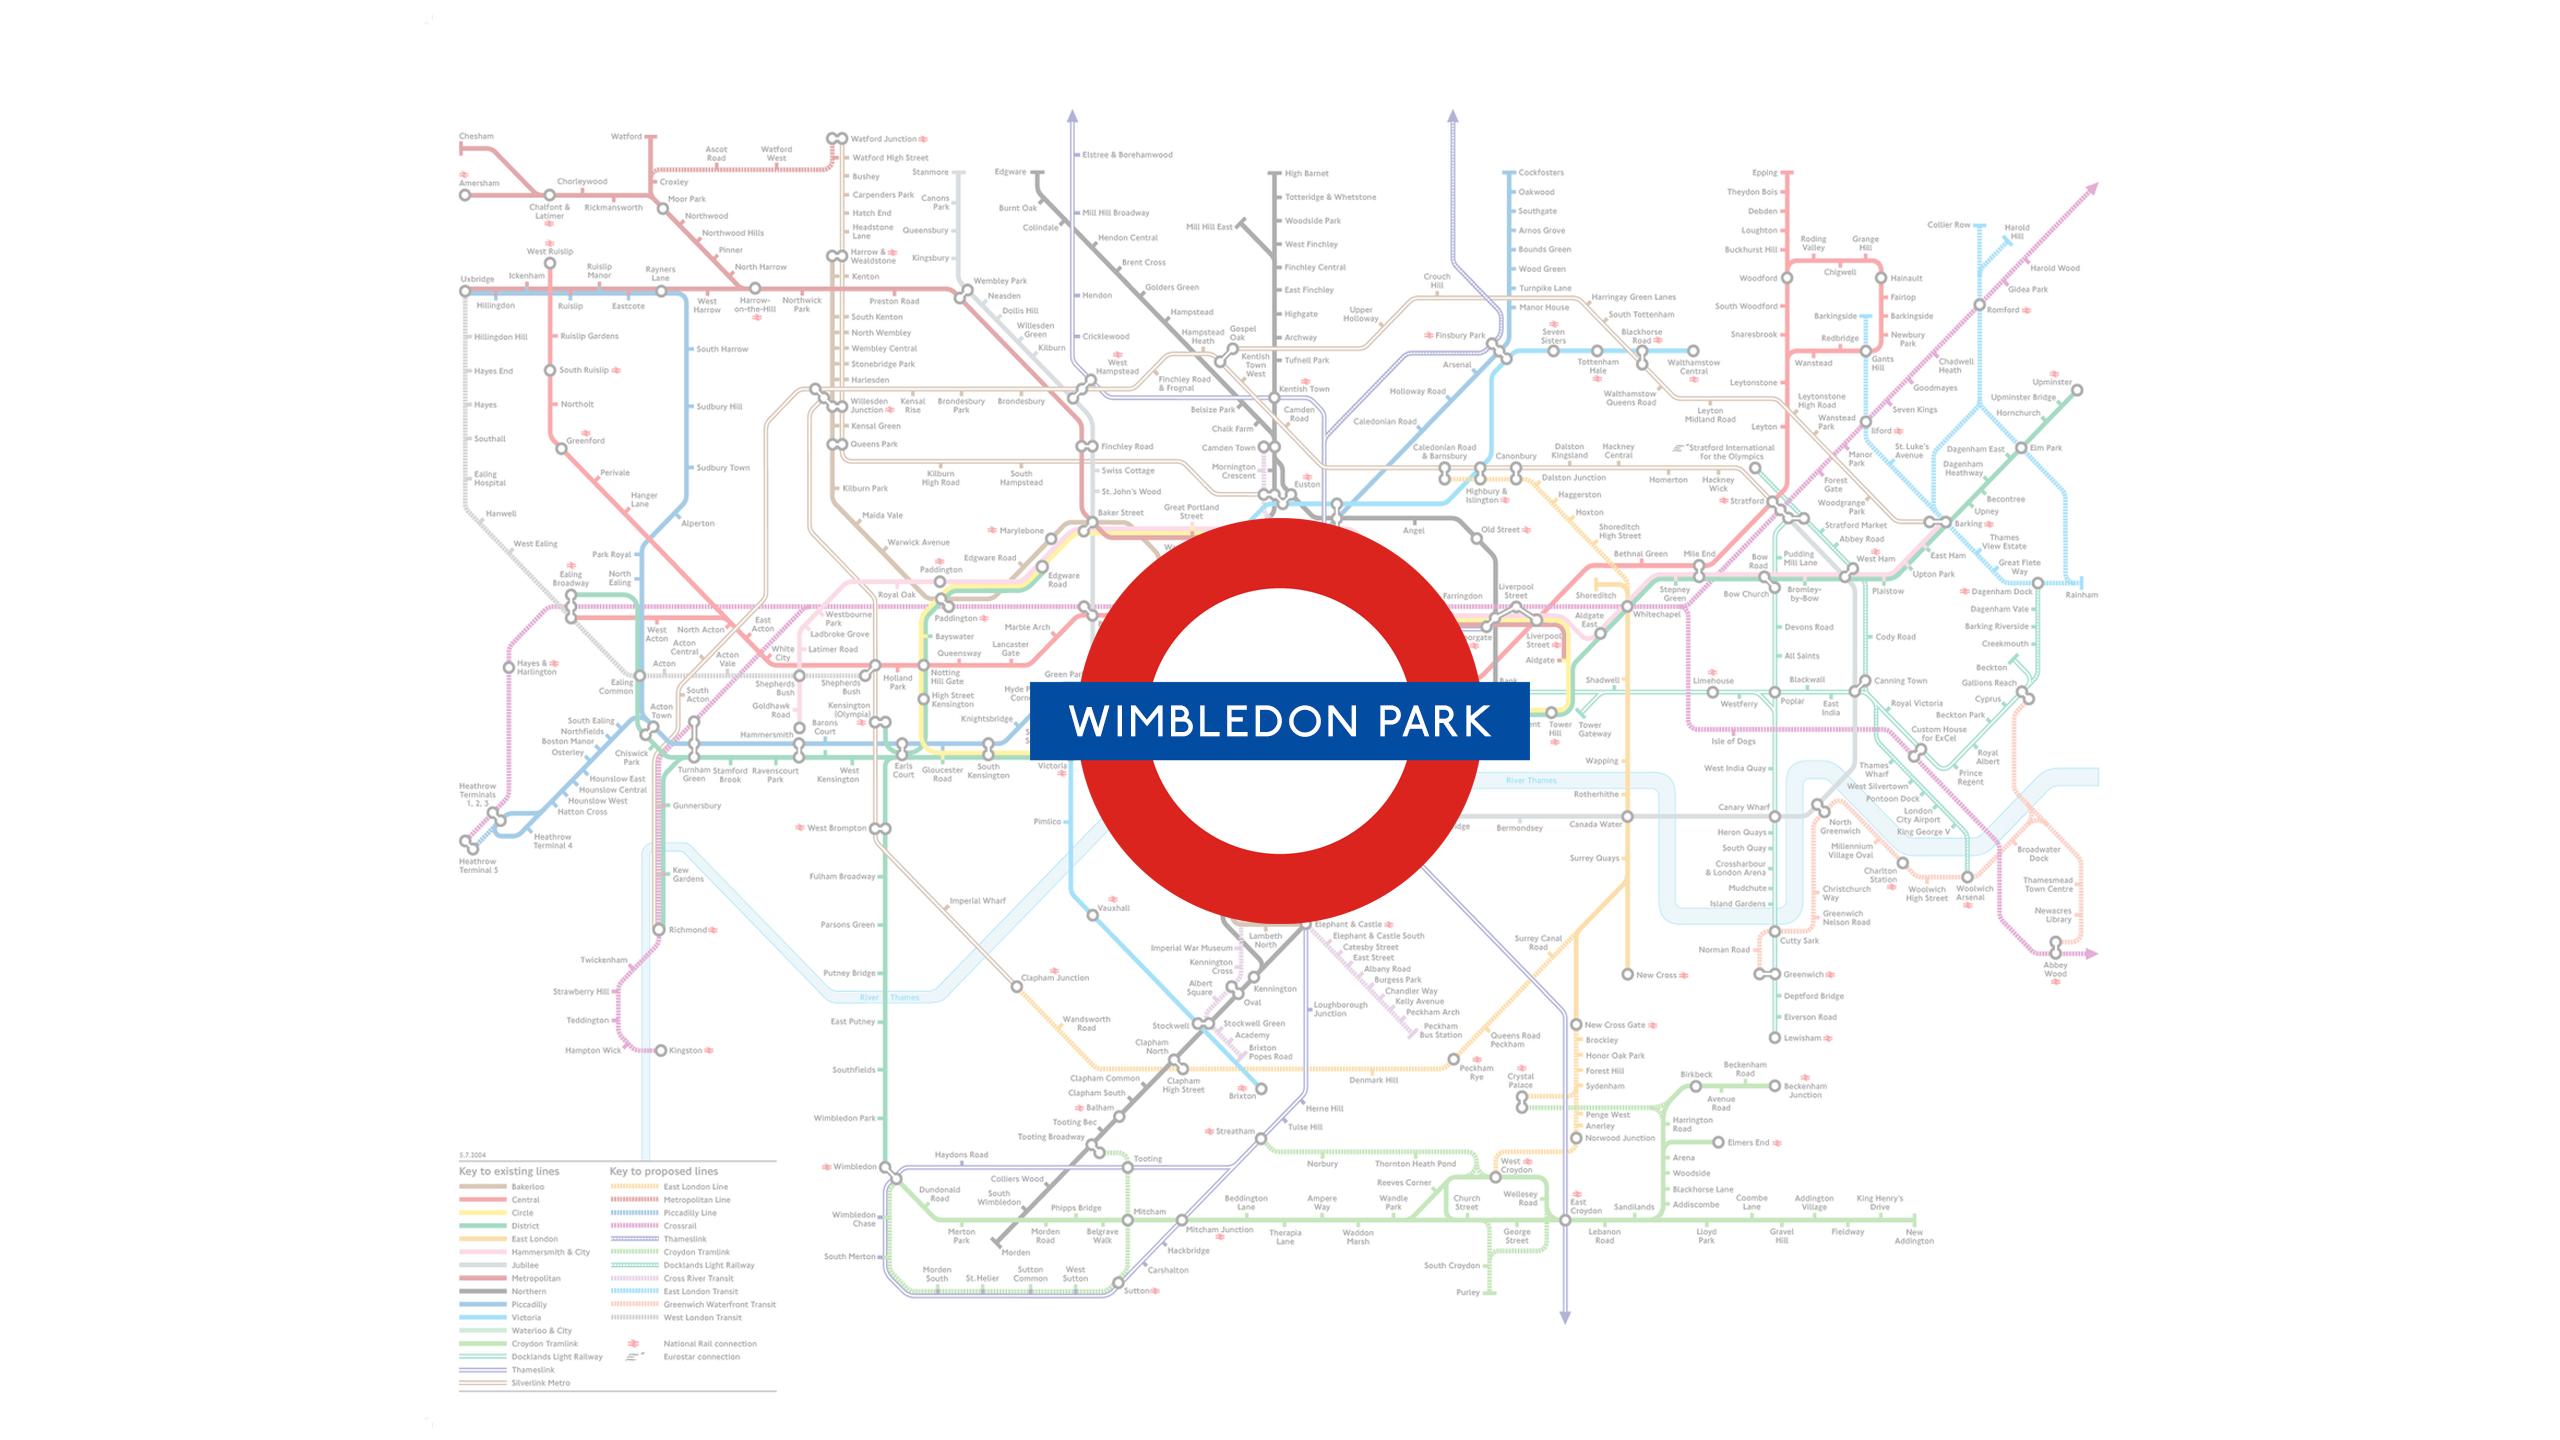 Wimbledon Park (Map)